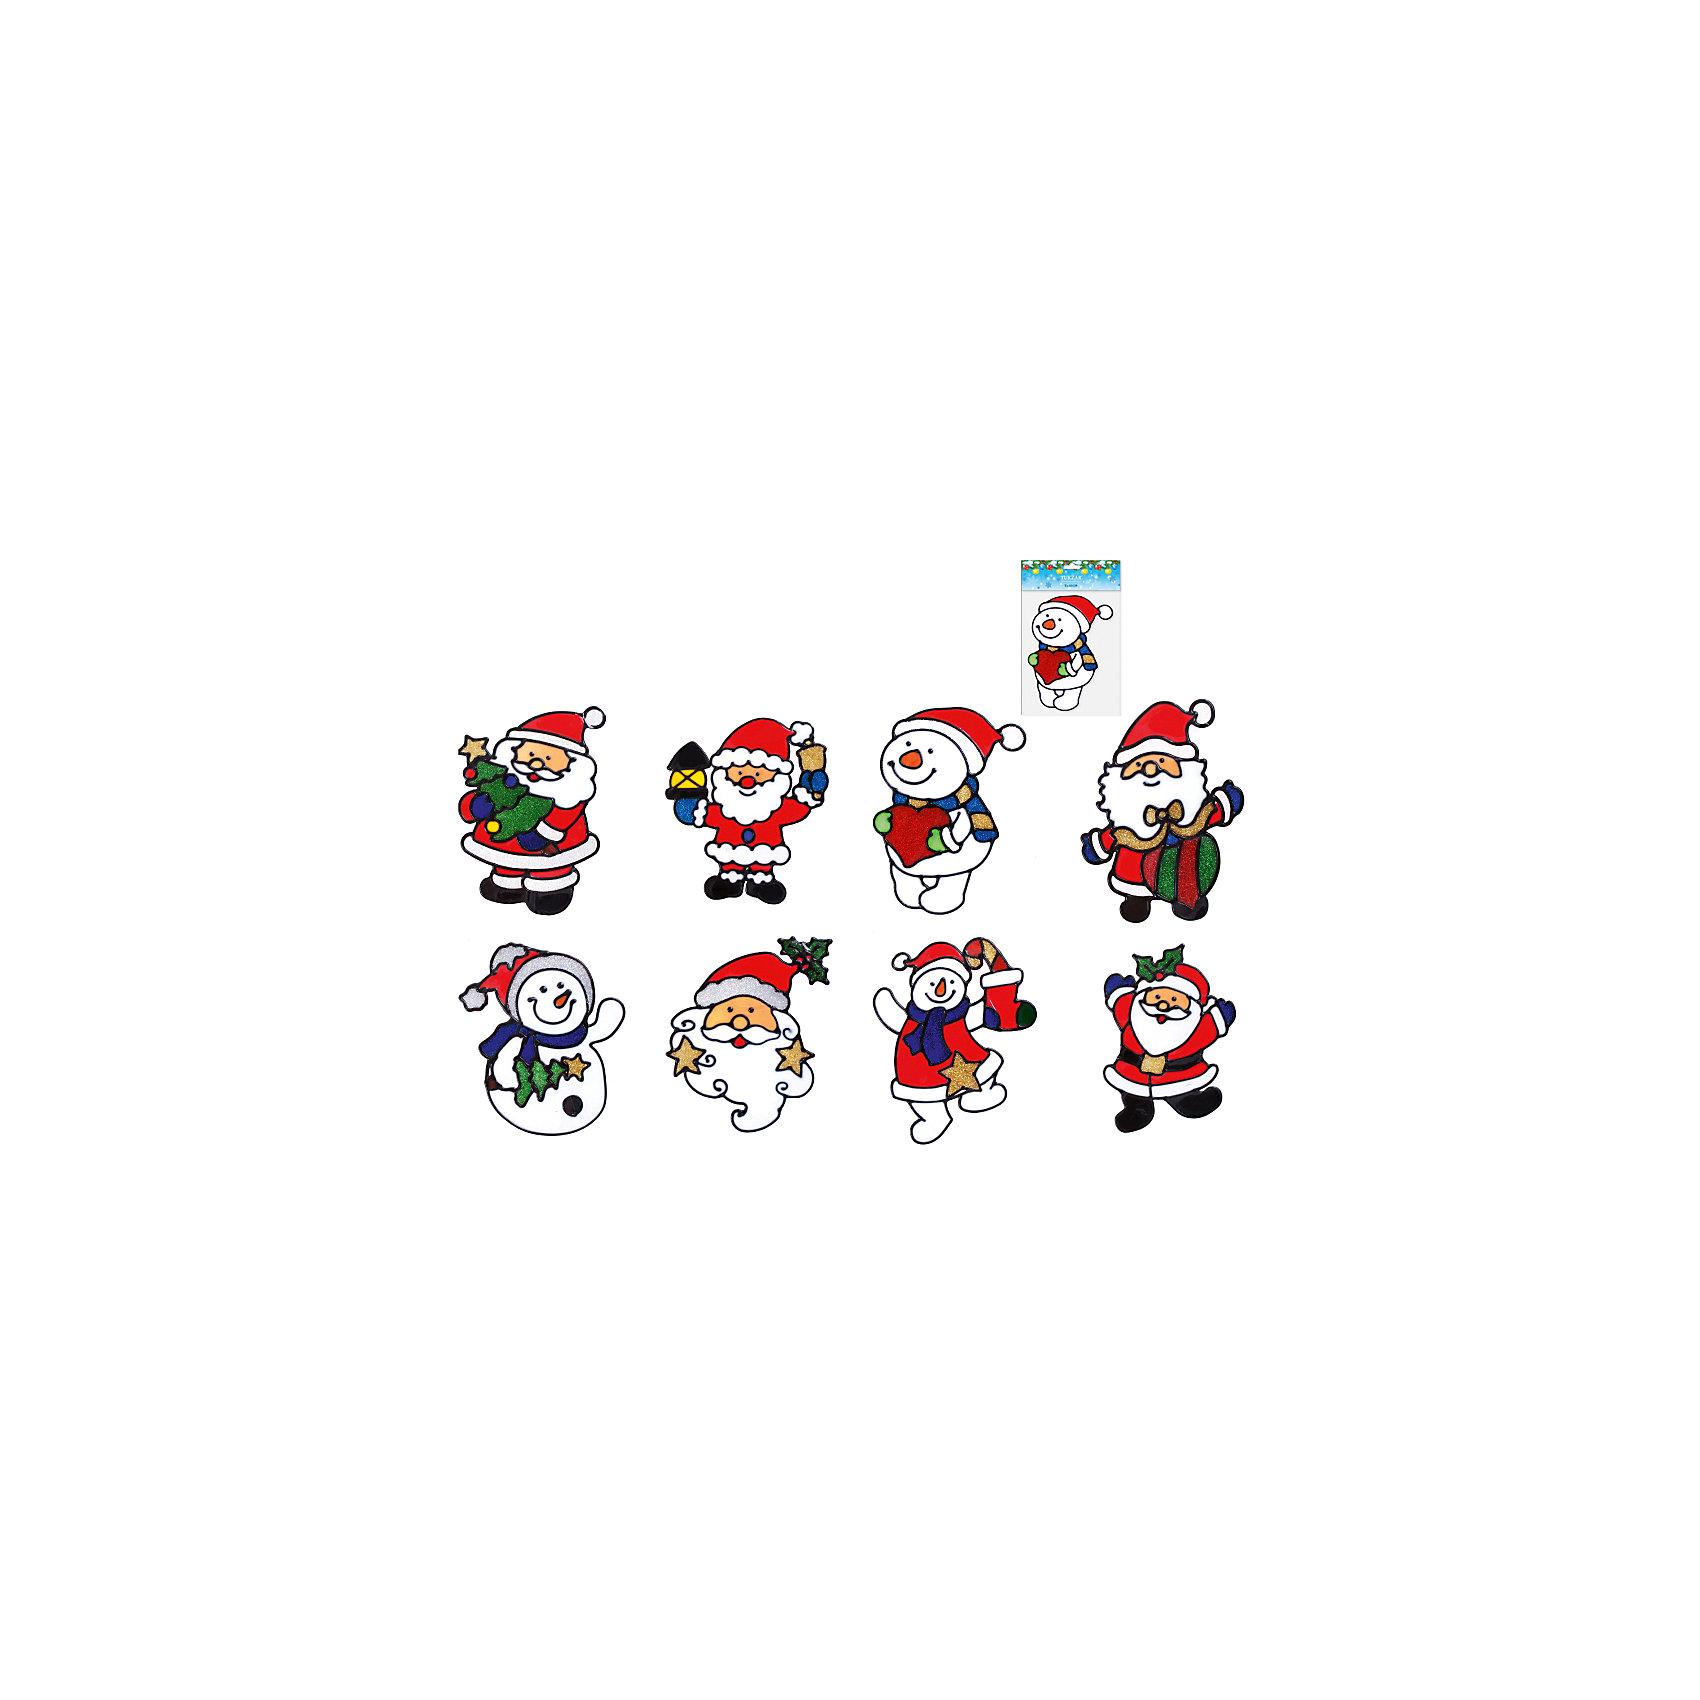 Витражная наклейка новогодняя,  в ассортиментеНовинки Новый Год<br>Витражная наклейка новогодняя,  в ассортименте замечательно украсит Ваш новогодний интерьер и создаст праздничное настроение! В ассортименте представлены 8 видов наклейки с изображениями Снеговиков, Деда Мороза или Санта Клауса. Украшение послужит замечательным мини-презентом близким и друзьям!<br><br>Дополнительная информация:<br>-Материалы: ПВХ<br>-В ассортименте: 8 дизайнов (Внимание! Заранее выбрать невозможно, при заказе нескольких возможно получение одинаковых)<br>-Размеры: 15х20 см<br>-Вес в упаковке: 10 г<br><br>Витражная наклейка новогодняя,  в ассортименте можно купить в нашем магазине.<br><br>Ширина мм: 150<br>Глубина мм: 200<br>Высота мм: 80<br>Вес г: 10<br>Возраст от месяцев: 36<br>Возраст до месяцев: 1188<br>Пол: Унисекс<br>Возраст: Детский<br>SKU: 4250996